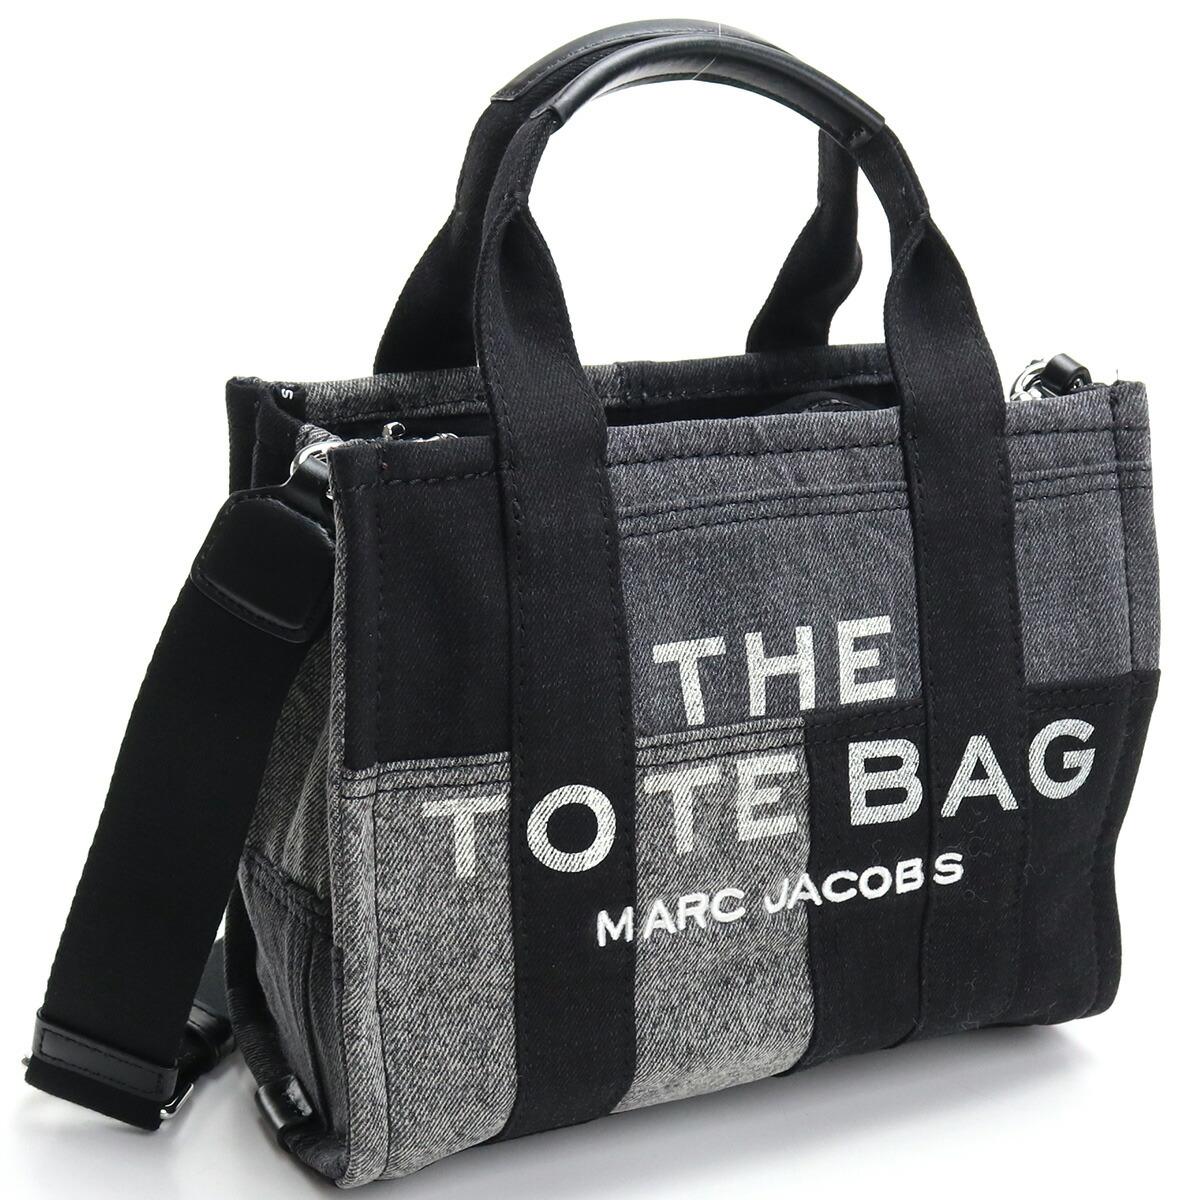 マーク・ジェイコブス MARC JACOBS  トートバッグ ブランドバッグ ブランドロゴ H016M06FA21 012  THE DENIM MINI TOTE BAG 2way BLACK DENIM ブラック グレー系 bag-01